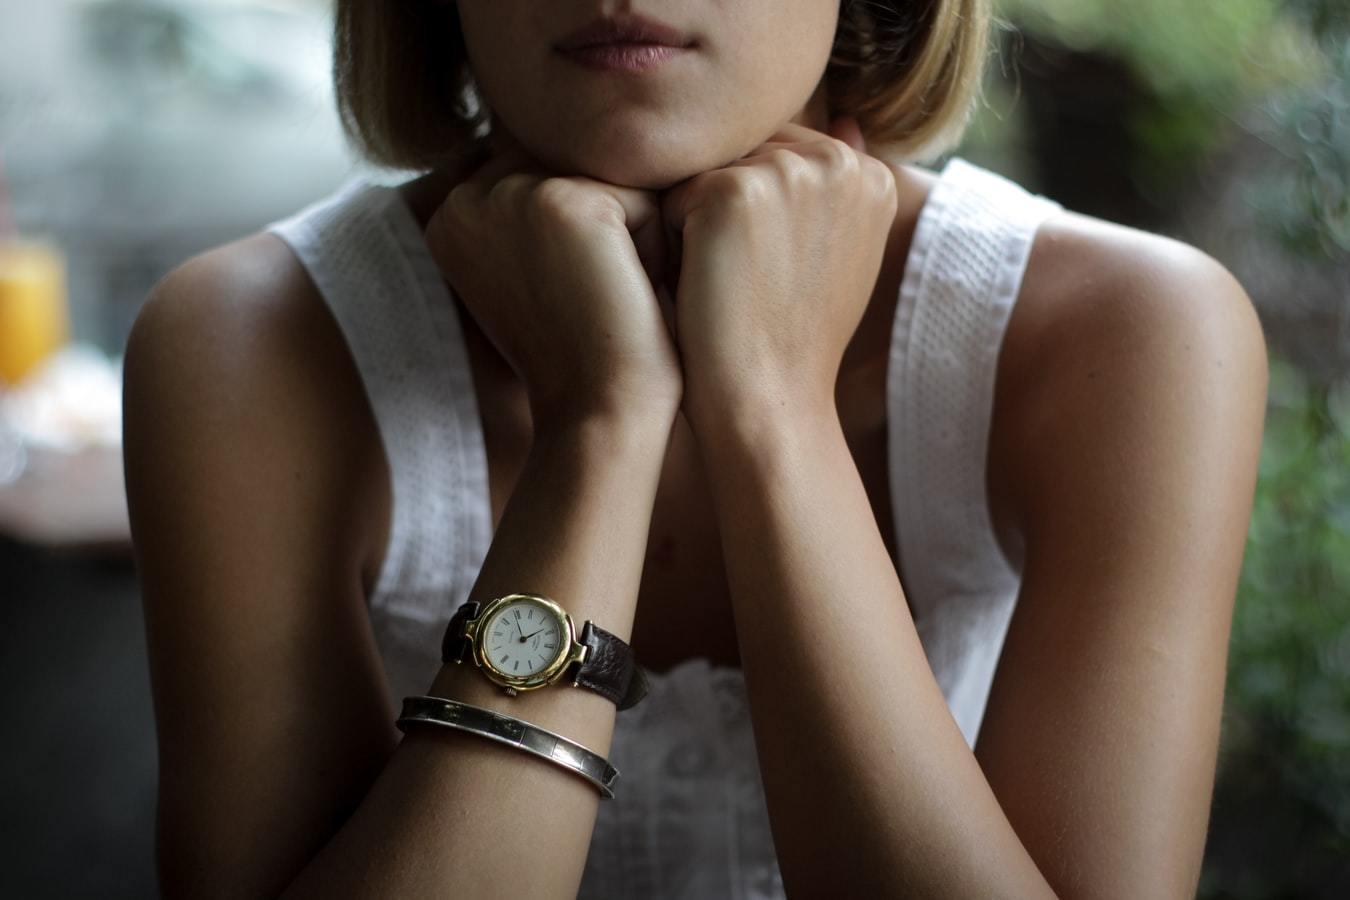 美学が凝縮!ヴィンテージ腕時計の人気ブランドは?